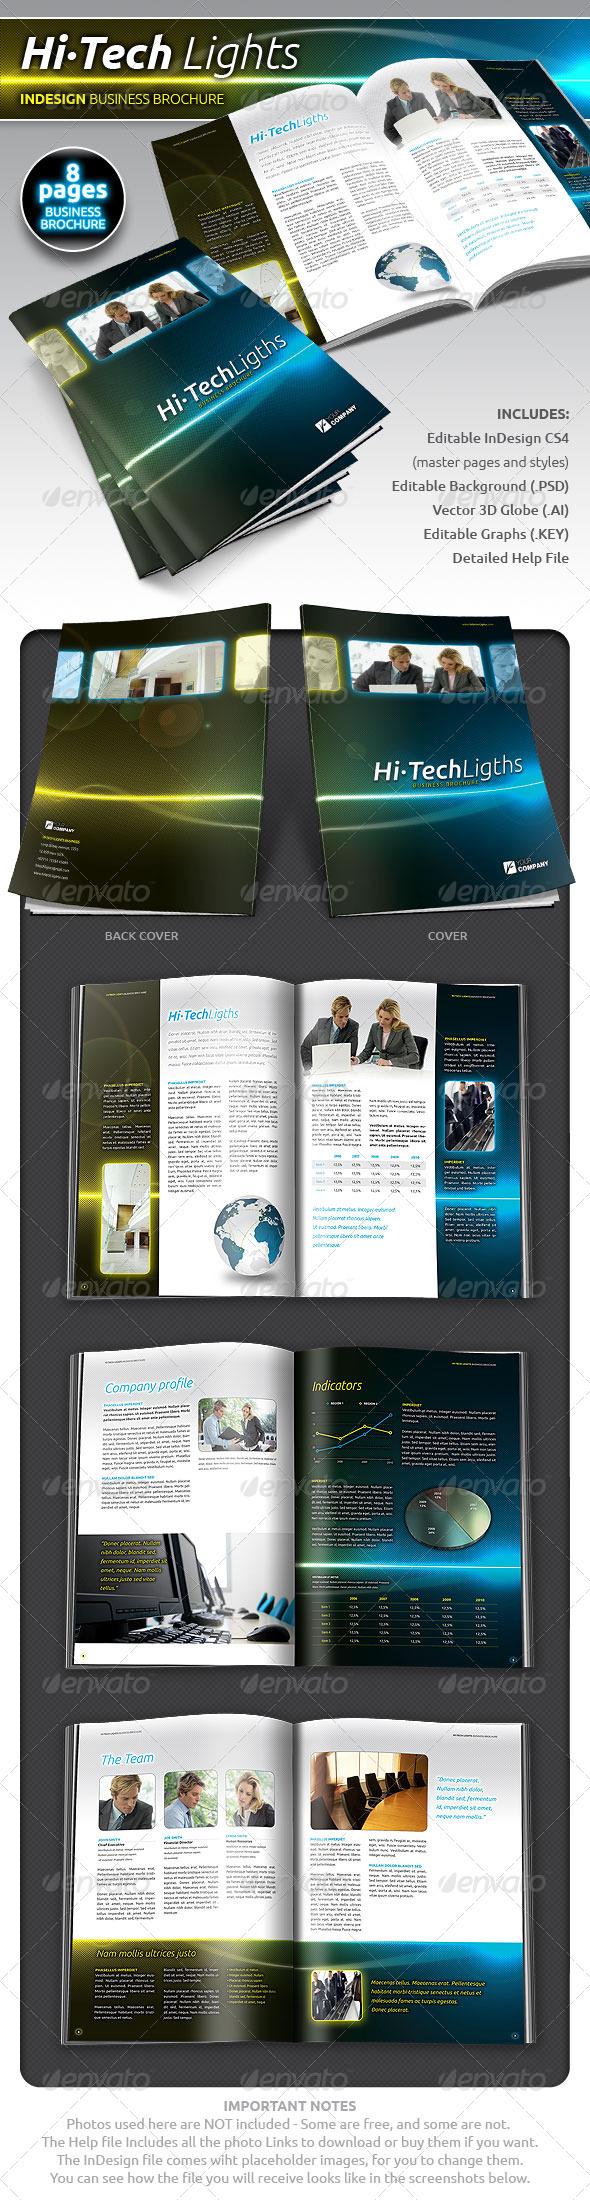 Hi-Tech Lights Business Brochure - Corporate Brochures